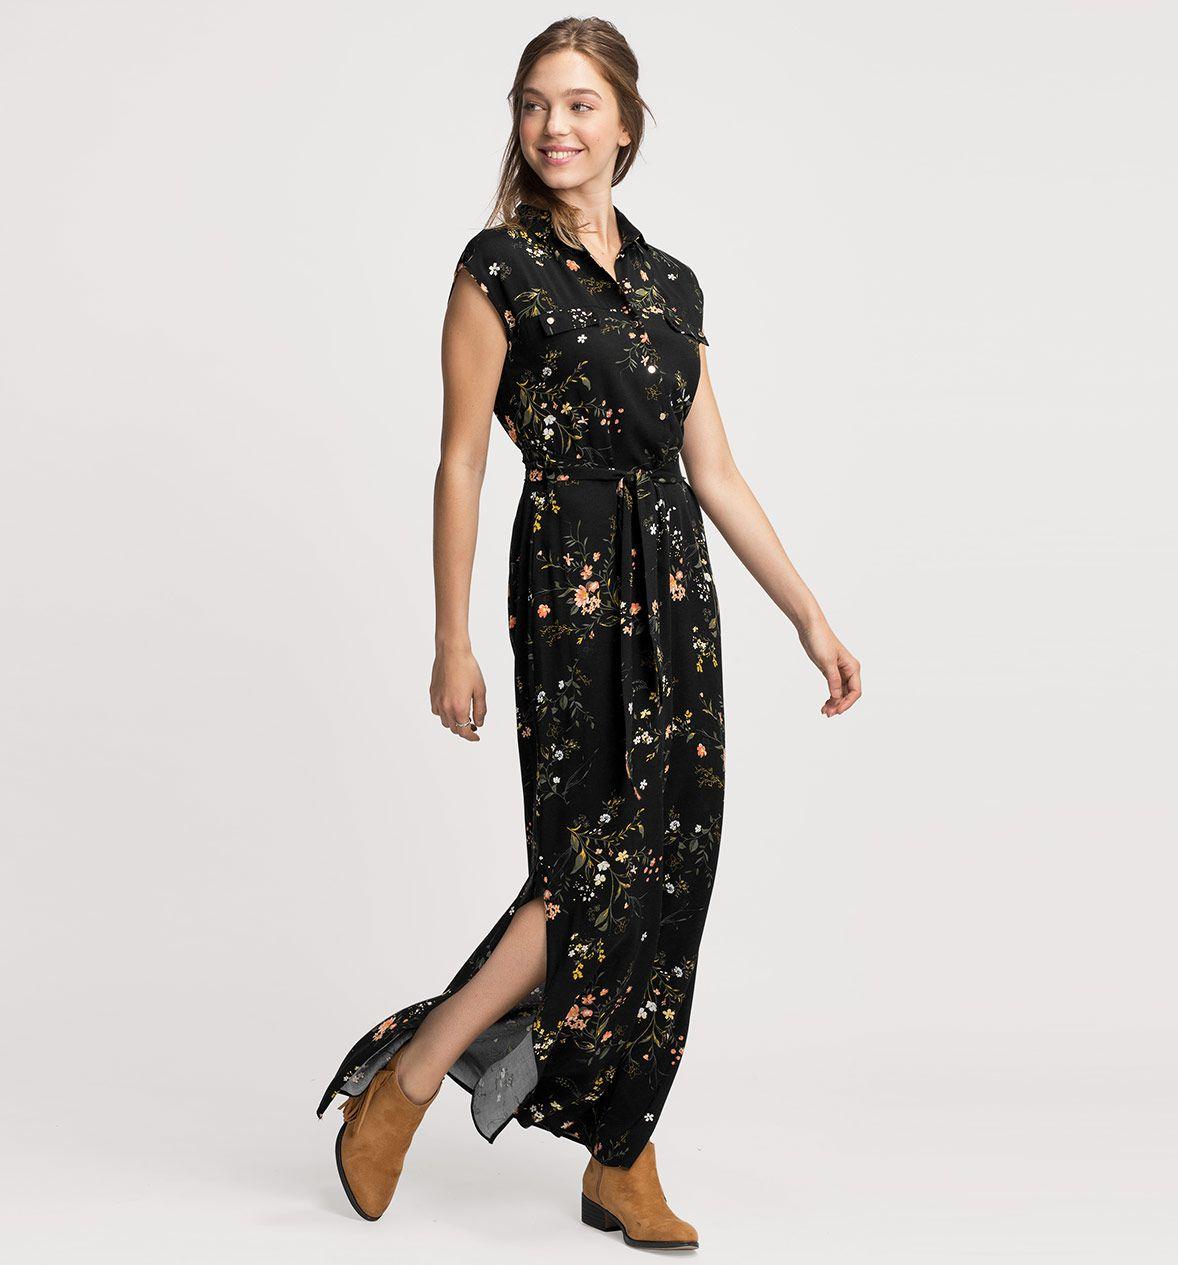 kleid in schwarz | damen mode, mode, angesagte mode